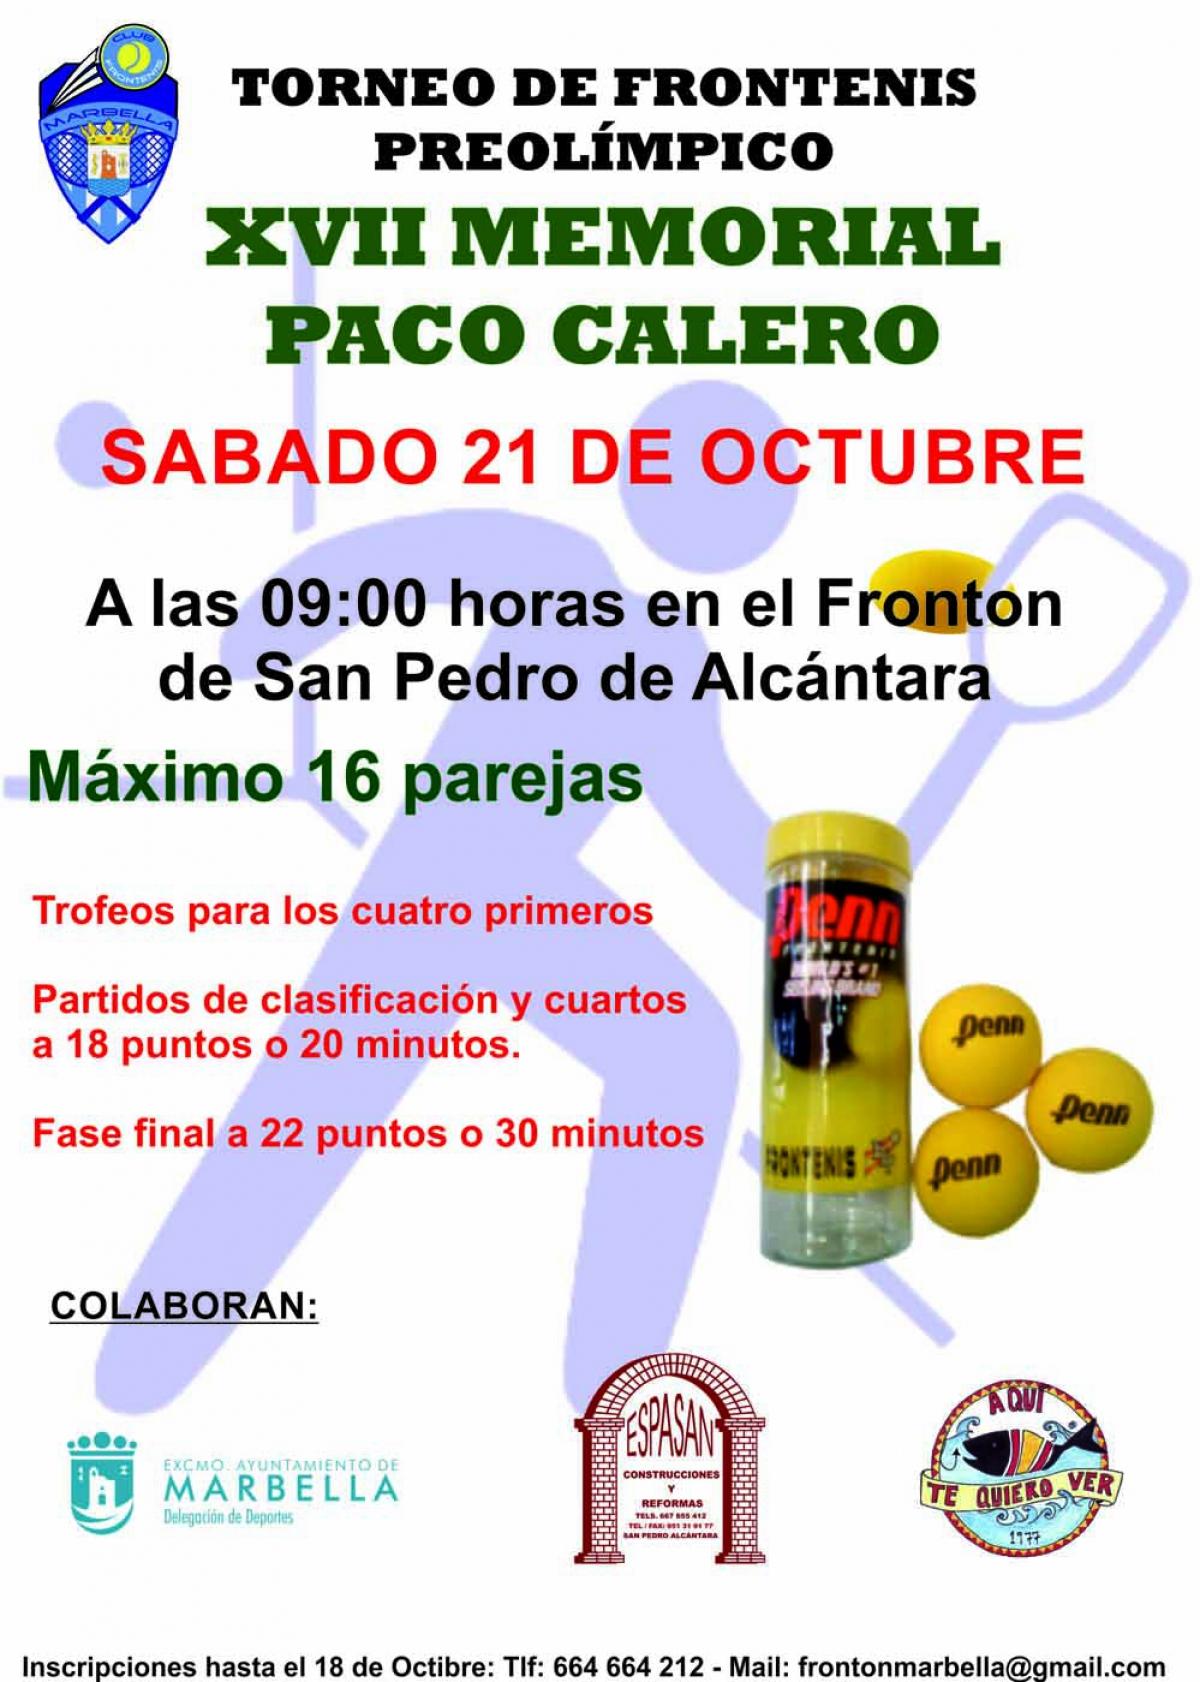 El Torneo de Frontenis Preolímpico XVII Memorial Paco Calero se celebrará este sábado en San Pedro Alcántara